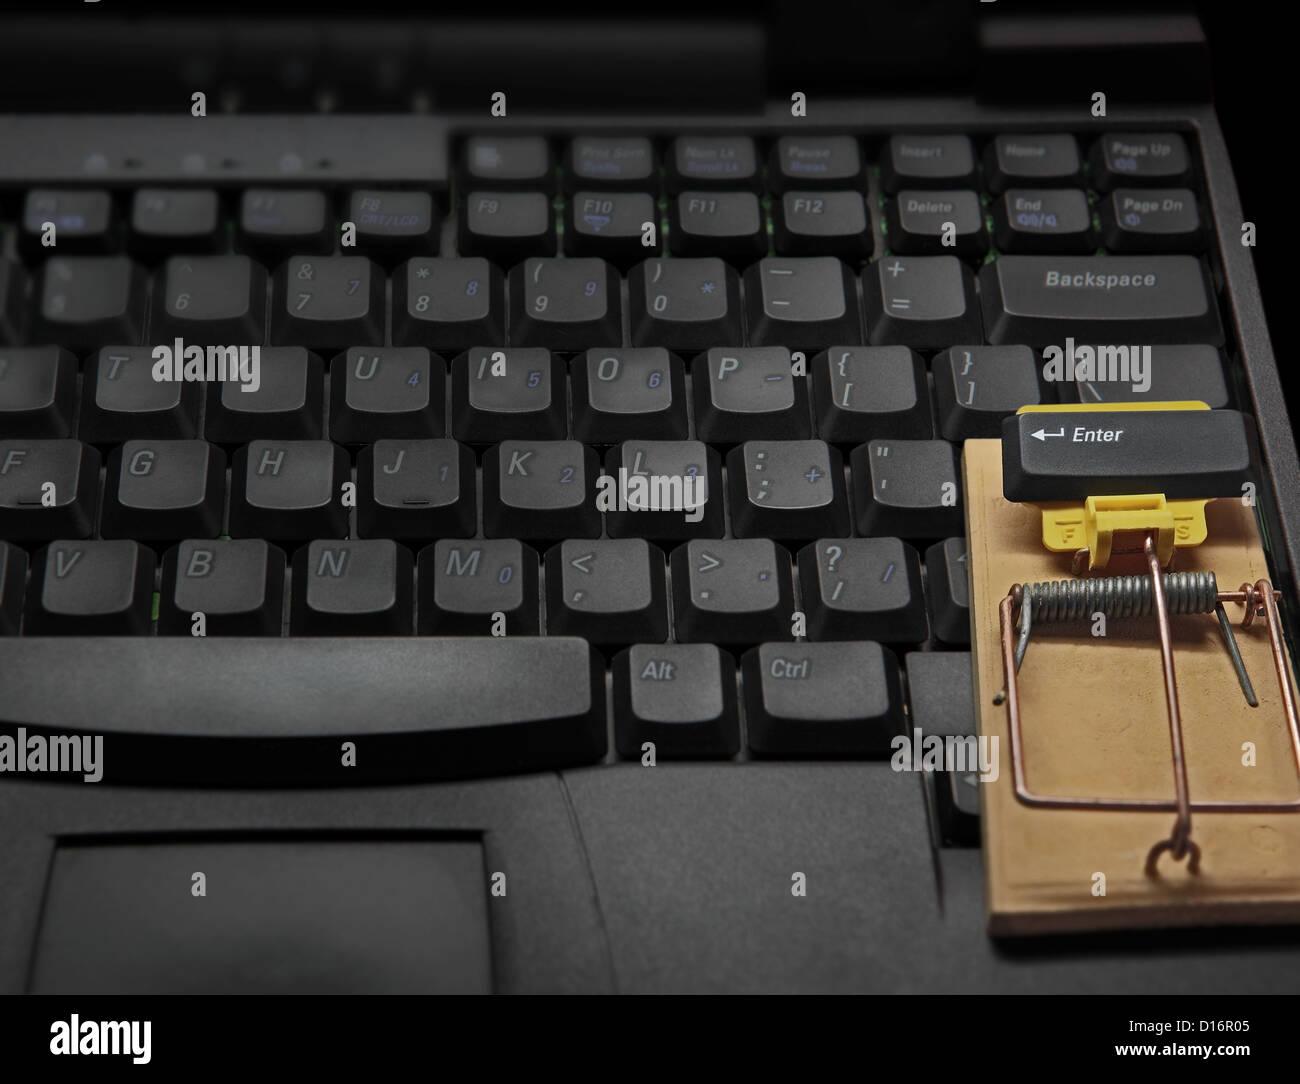 Sulla tastiera del computer possiamo vedere un mousetrap. Sfortuna per chi dovrà premere il tasto di invio con la Foto Stock